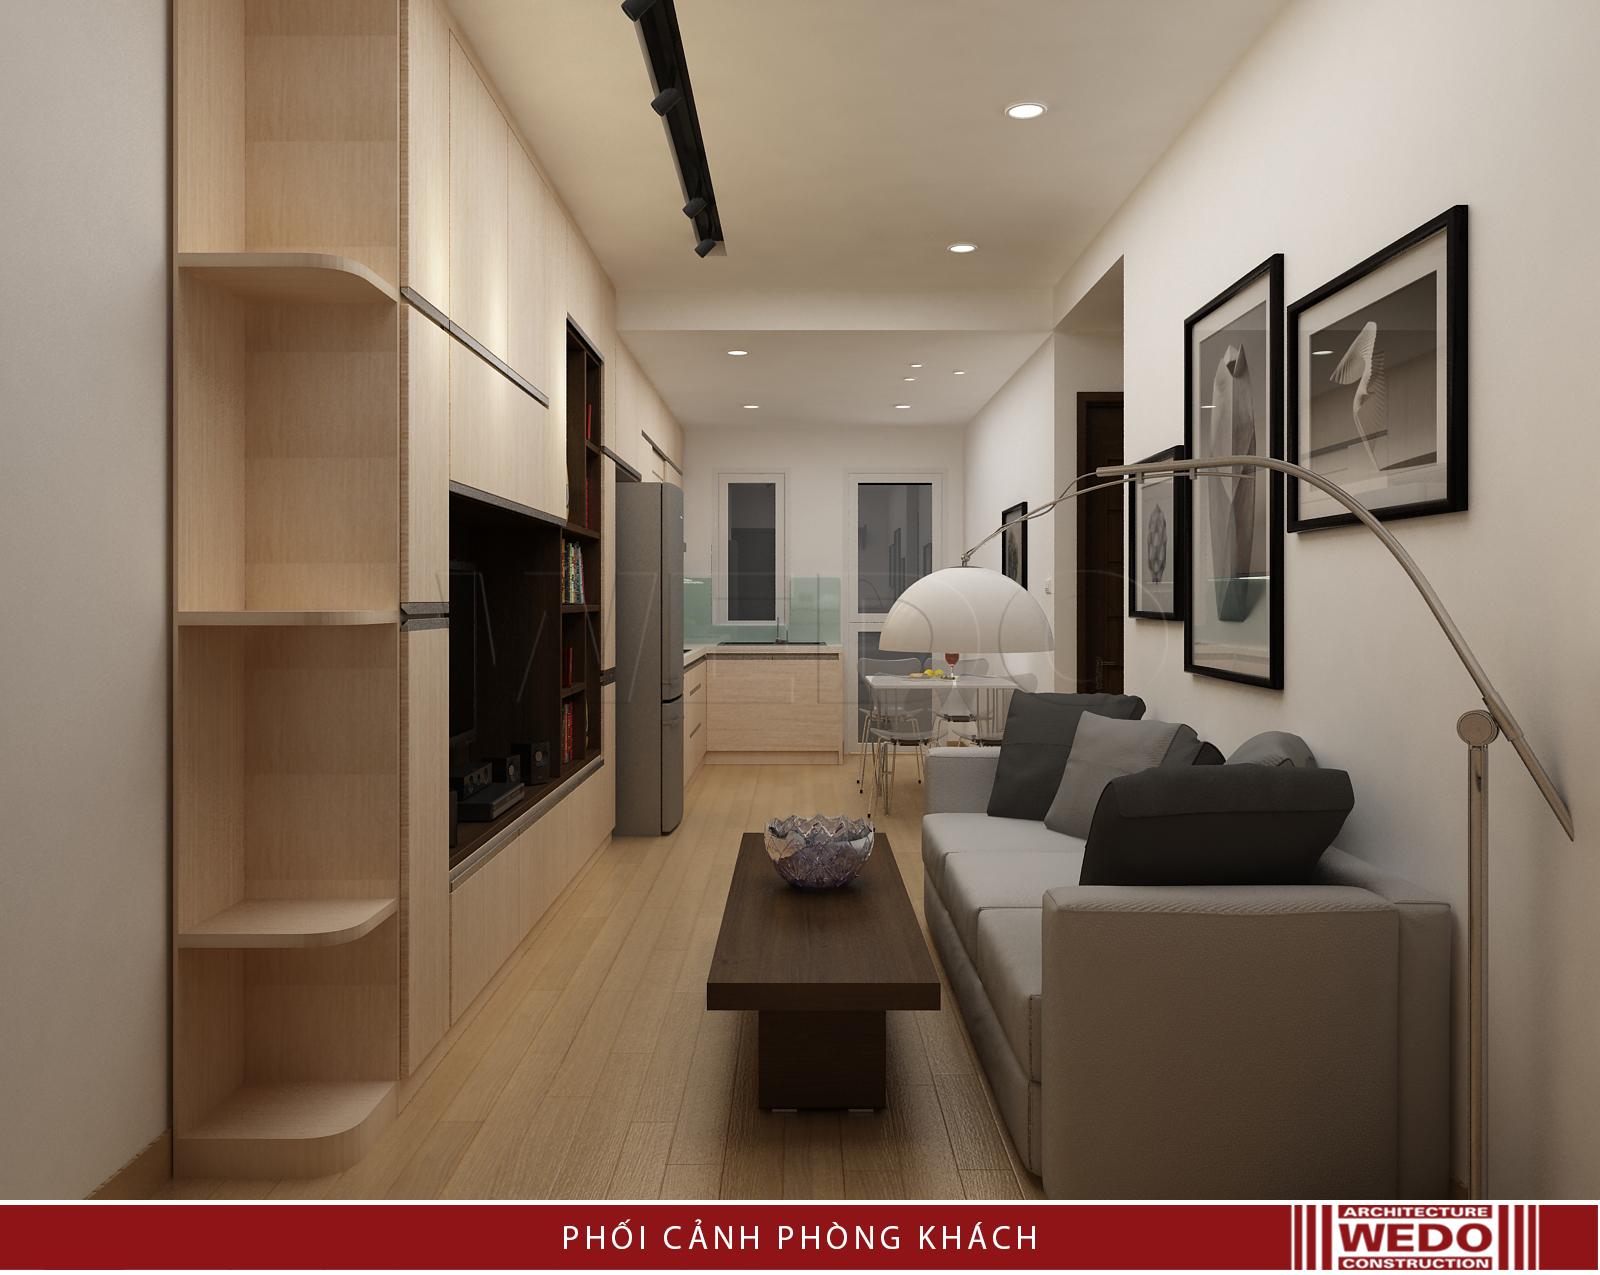 Nội thất phòng khách chung cư VP5 - Linh Đàm